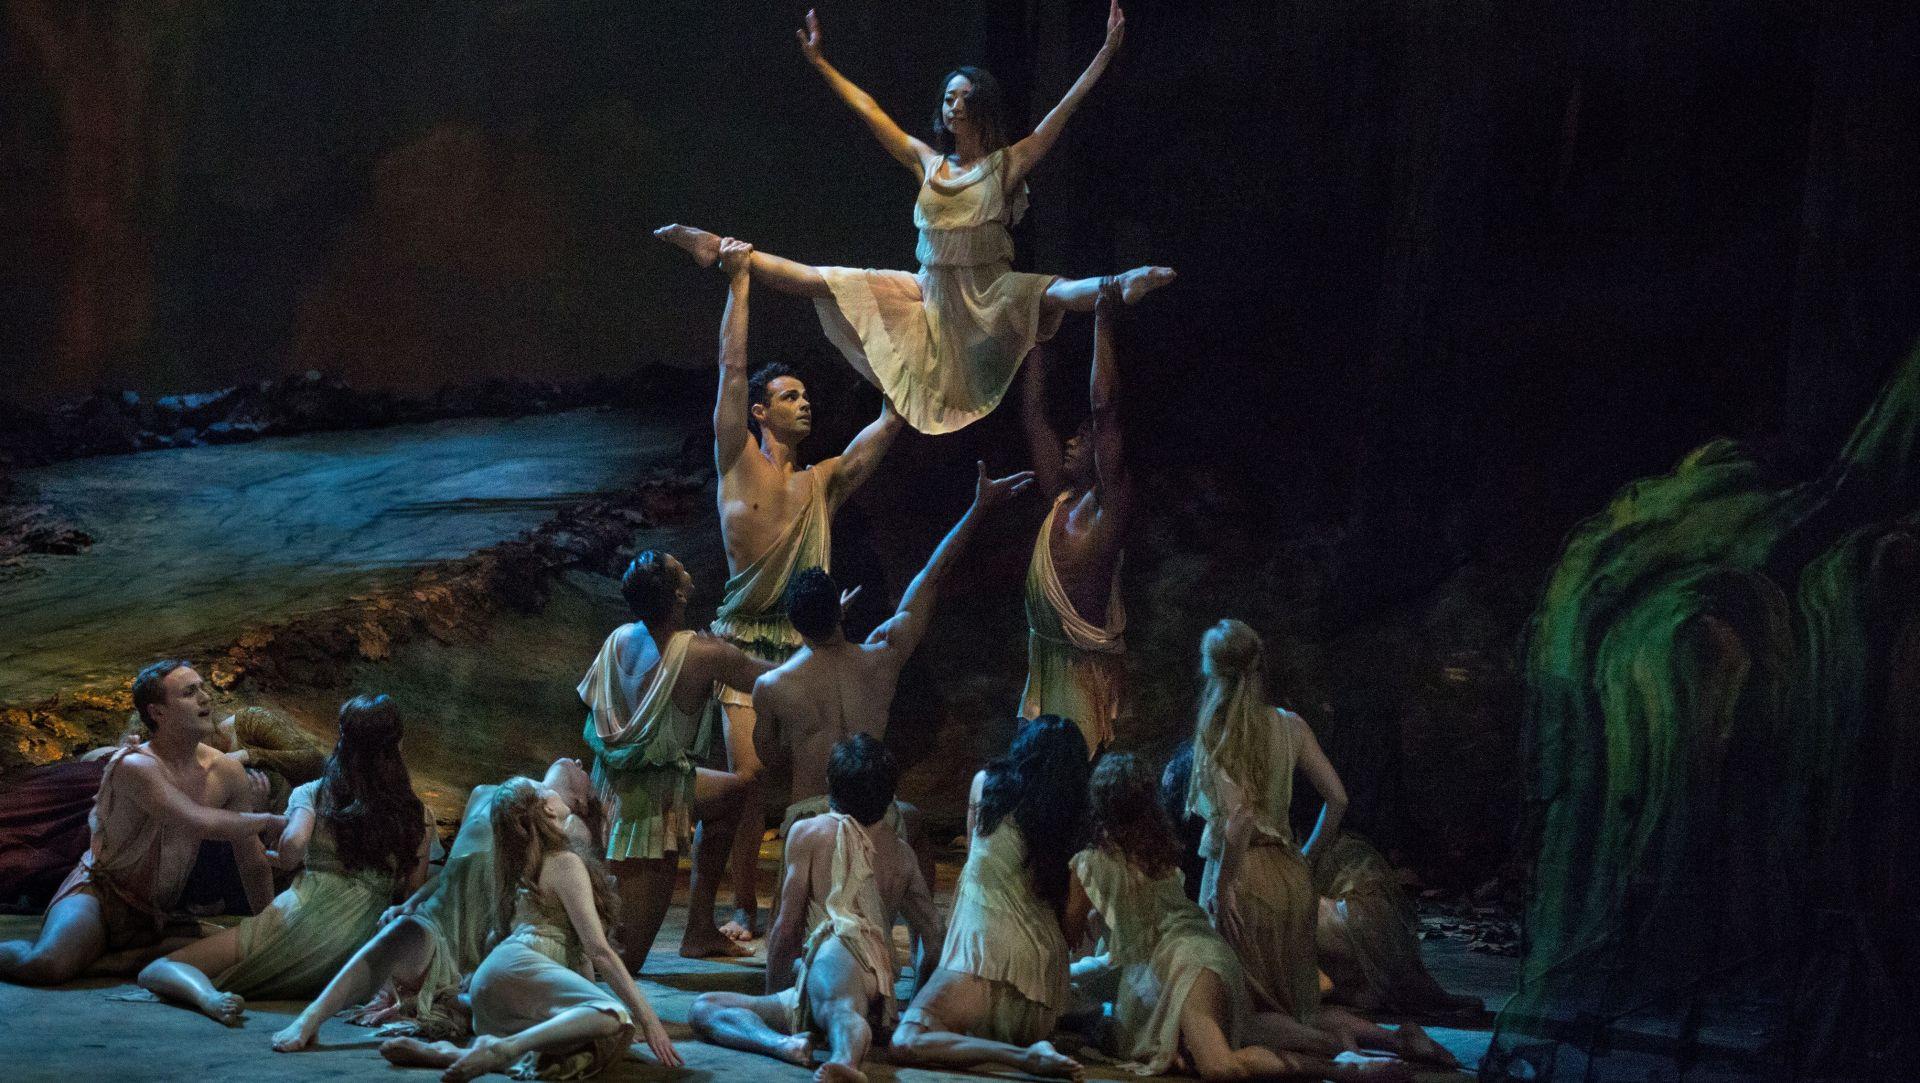 Ballet scene from Wagner's Tannhäuser